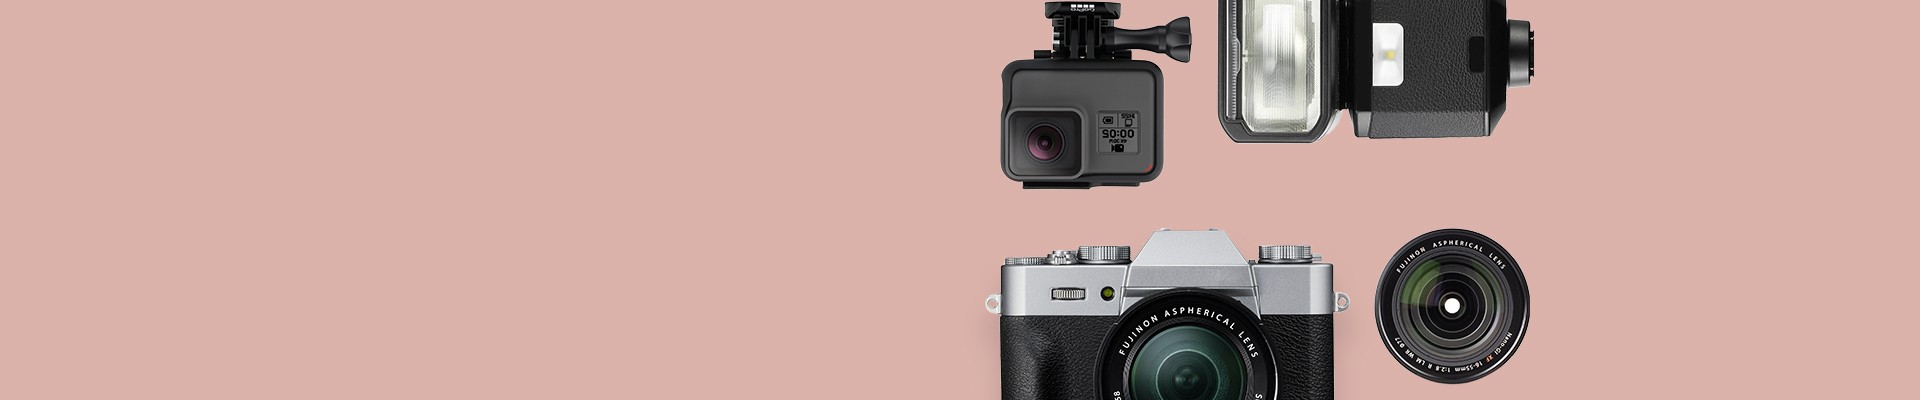 Jual Kamera & Peralatan Video - Harga Terbaik